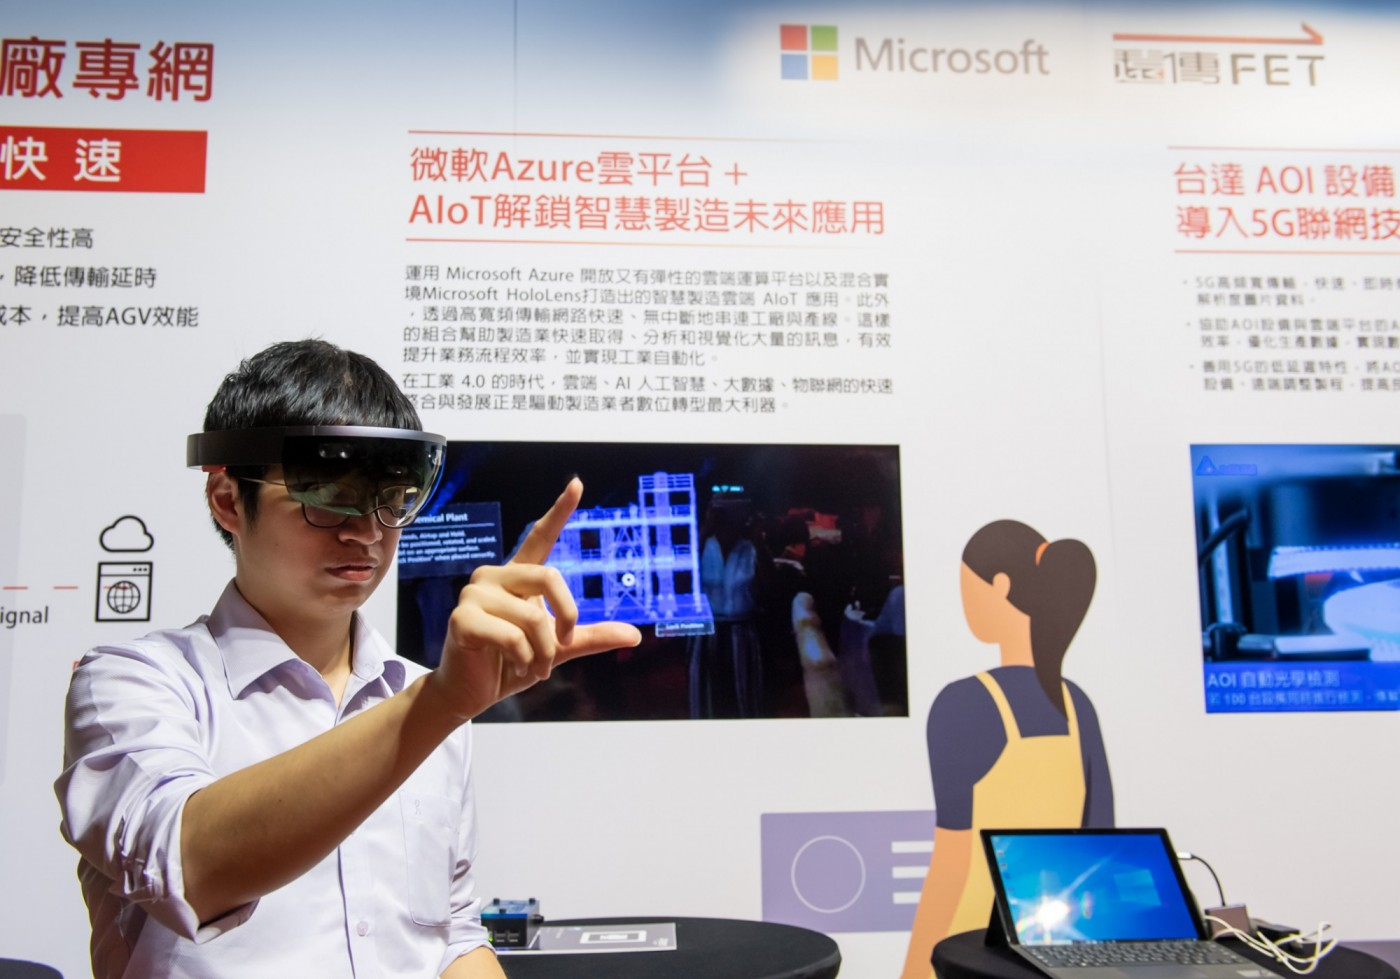 遠傳、台達、微軟三方聯手起跑,打造台灣首座5G智慧工廠